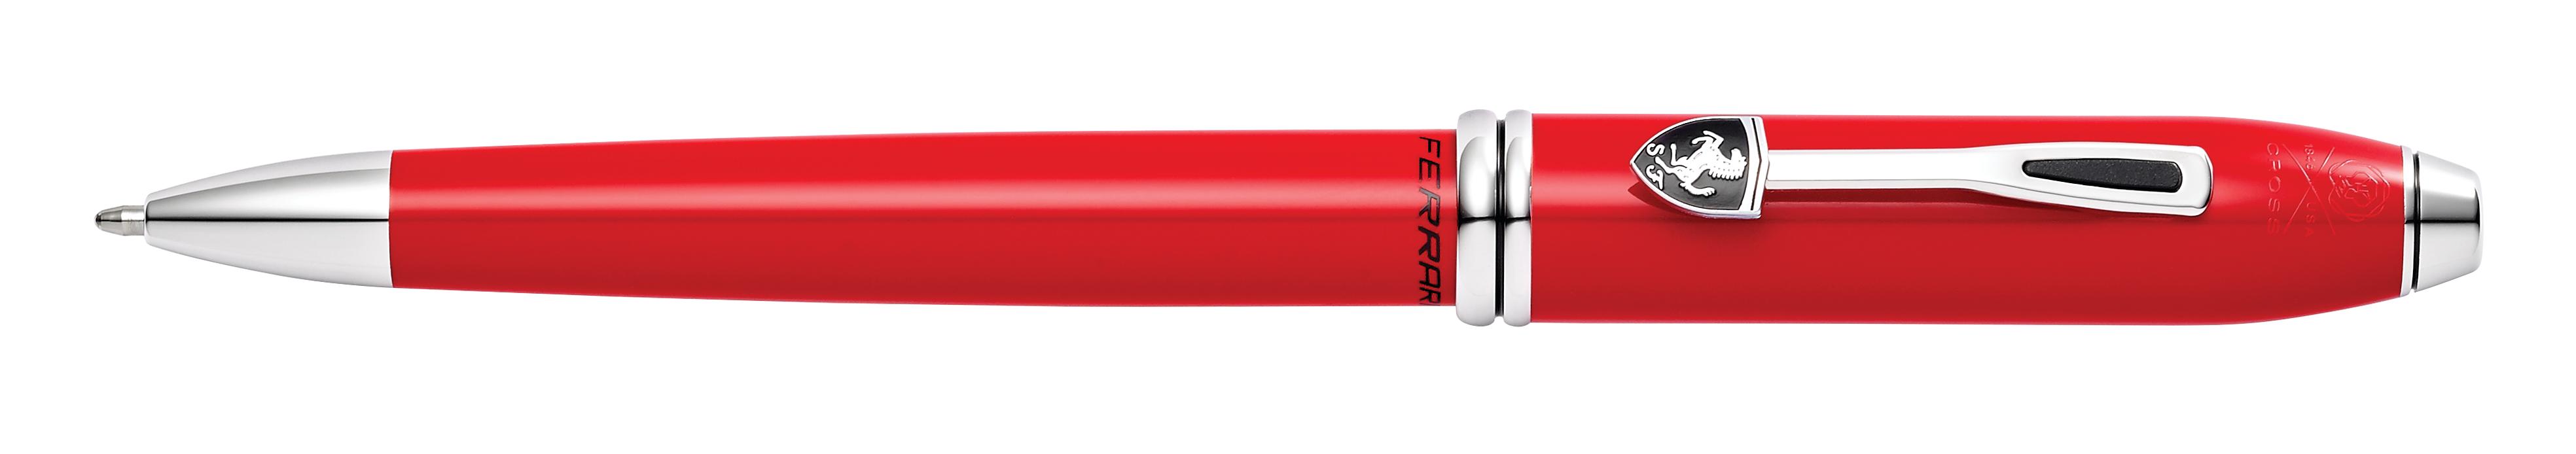 Cross Townsend Collection for Scuderia Ferrari Rosso Corsa Red Lacquer Ballpoint Pen